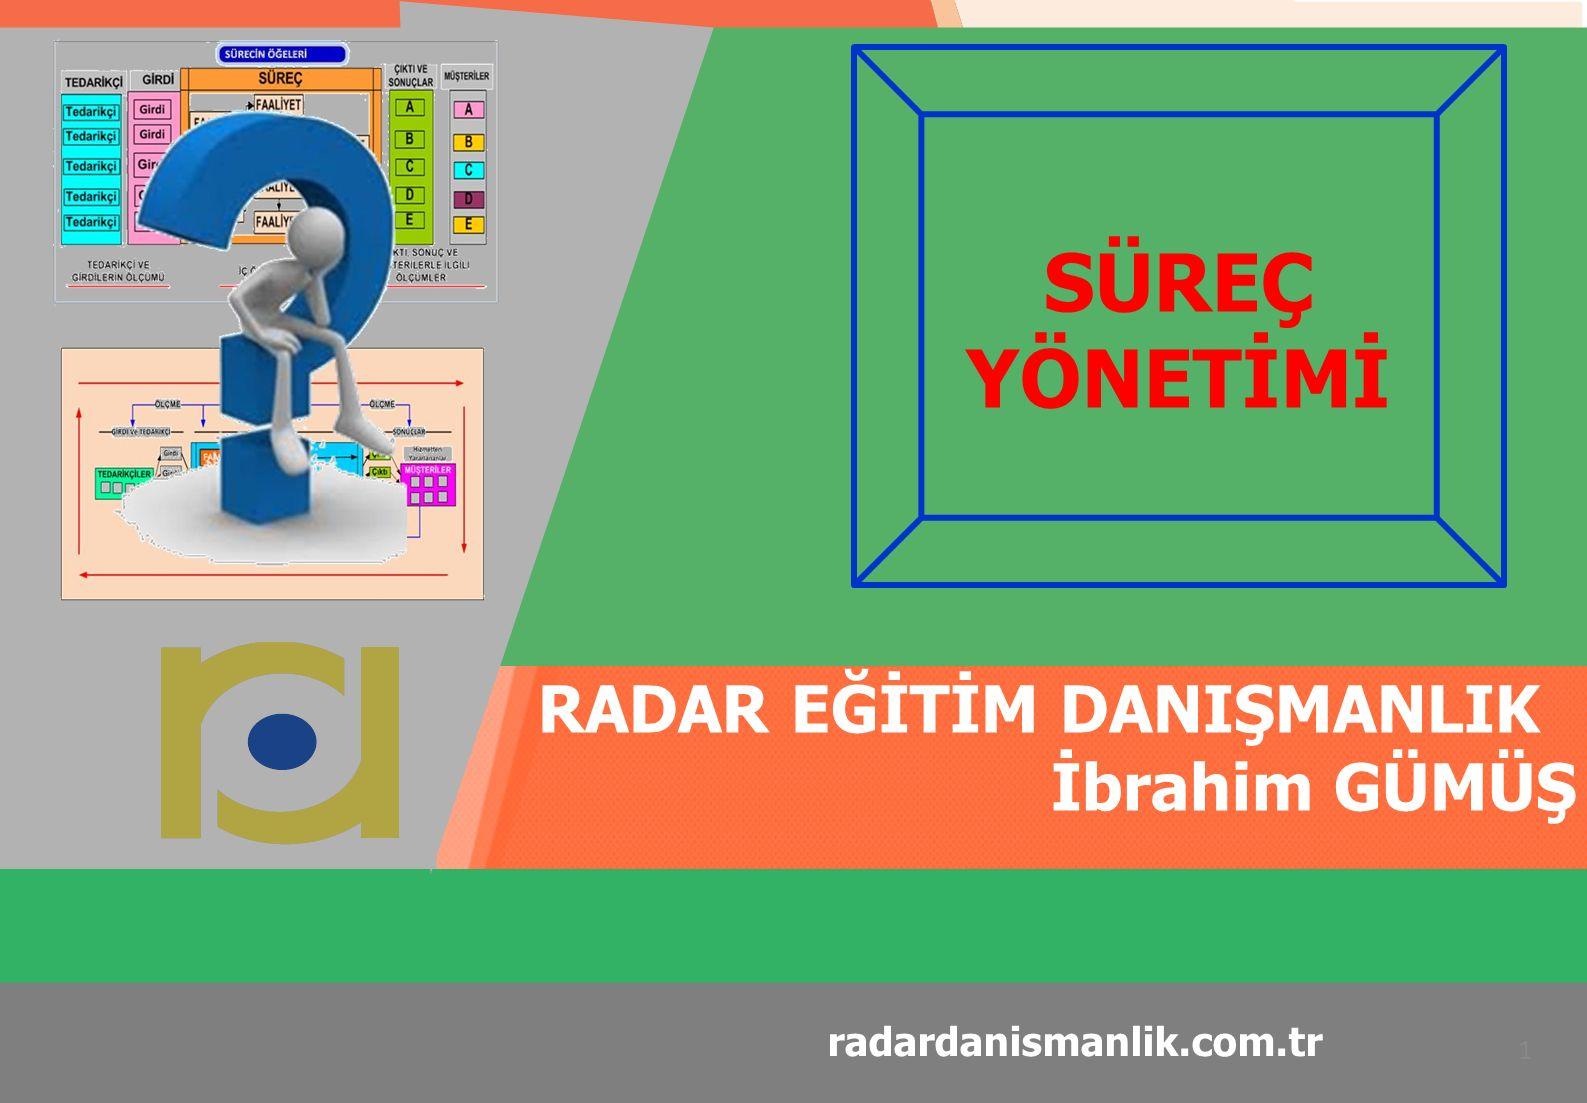 RADAR EĞİTİM DANIŞMANLIK SÜREÇ YÖNETİMİ 52 radardanismanlik.com.tr Süreç Tasarlama Yaklaşımları